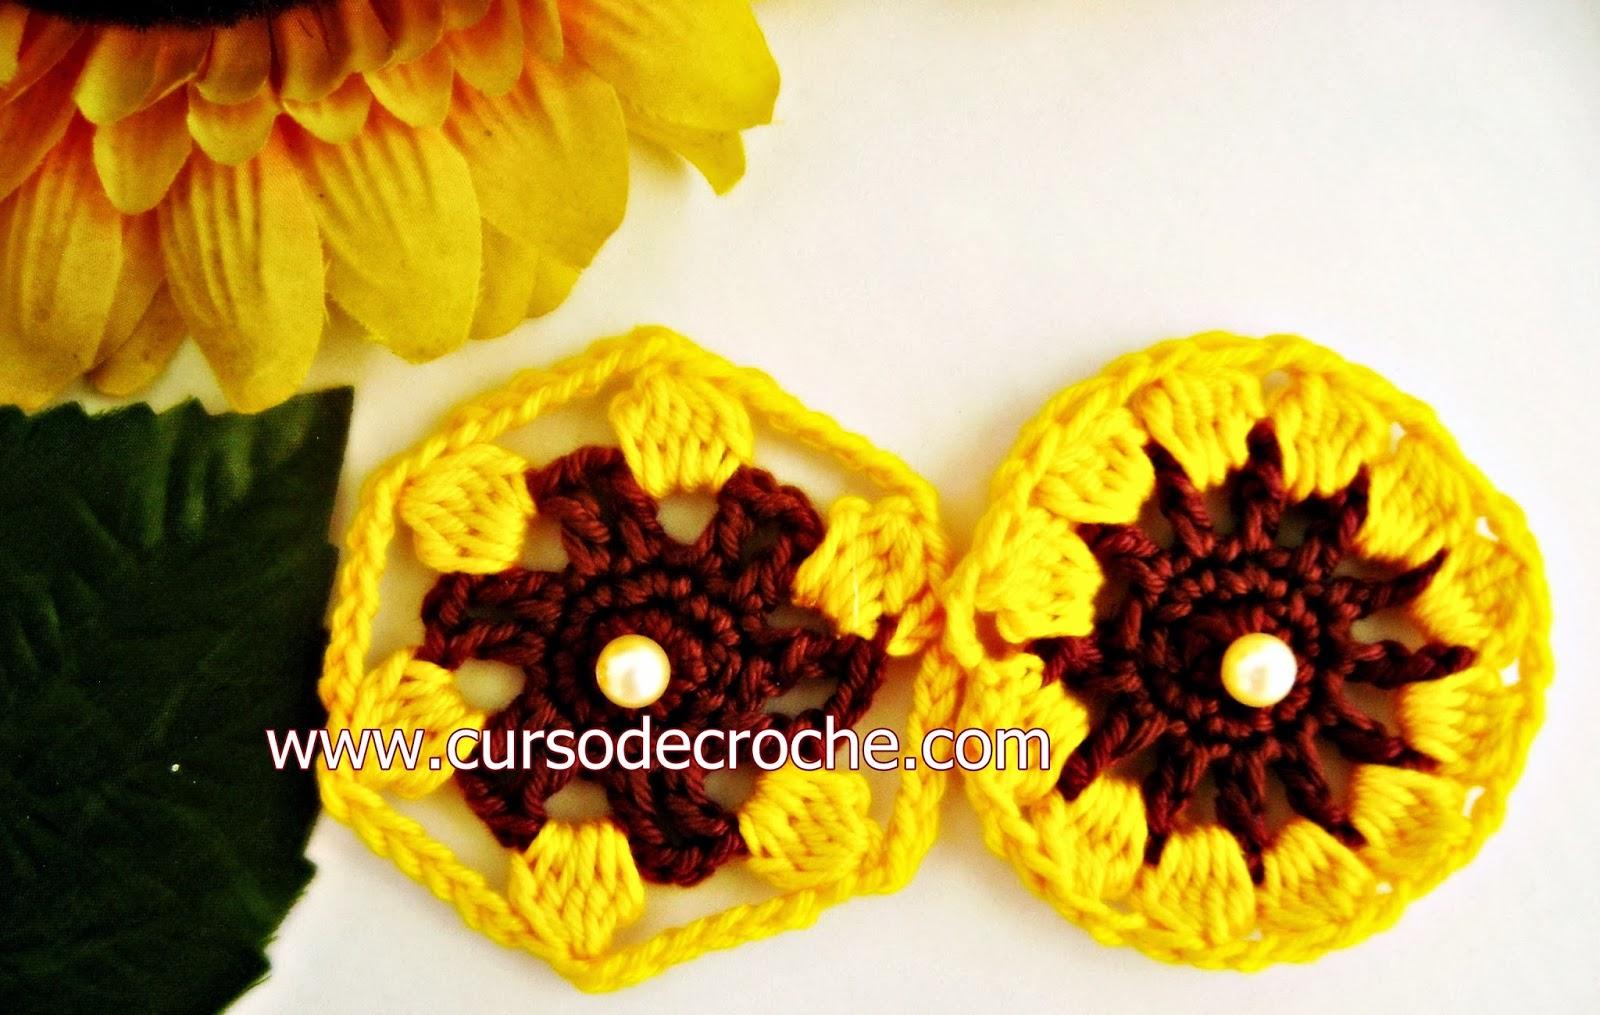 flores em croche dvd 5 volumes com edinir-croche na loja curso de croche com frete gratis